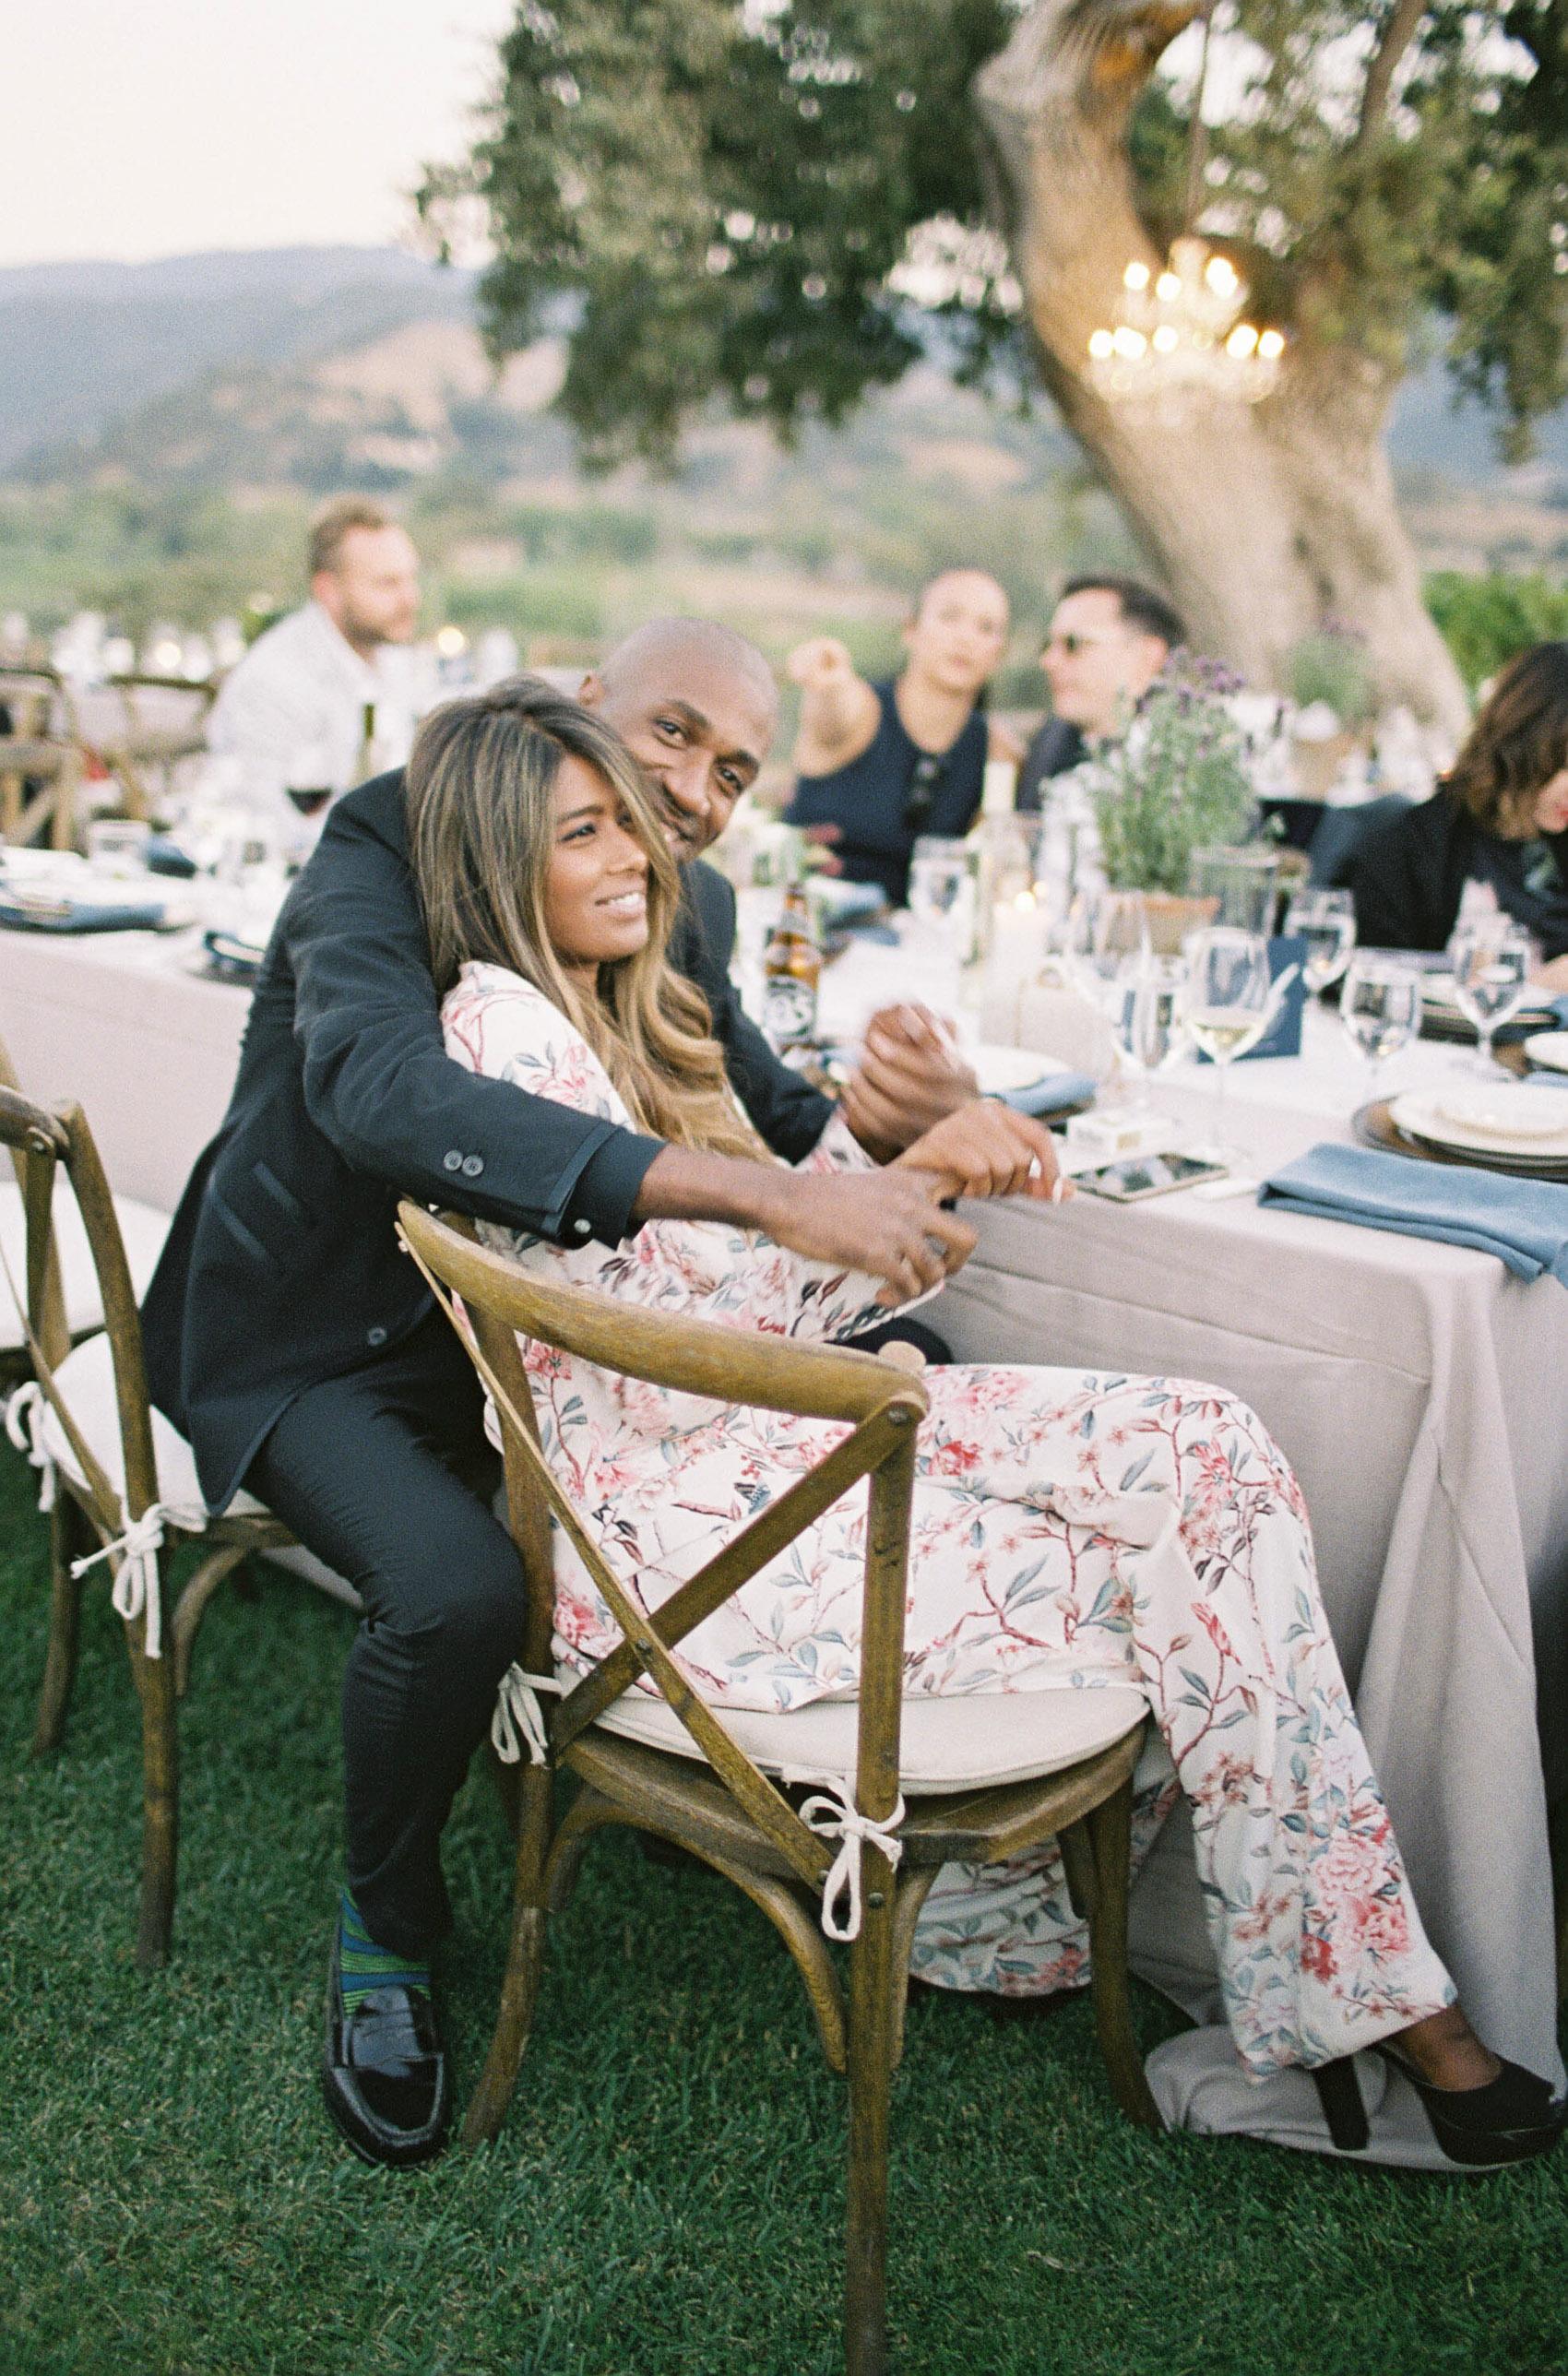 Sunstone_Villa_Wedding-143-Jen-Huang-JTEd-272-Jen_Huang-002812-R1-013.jpg